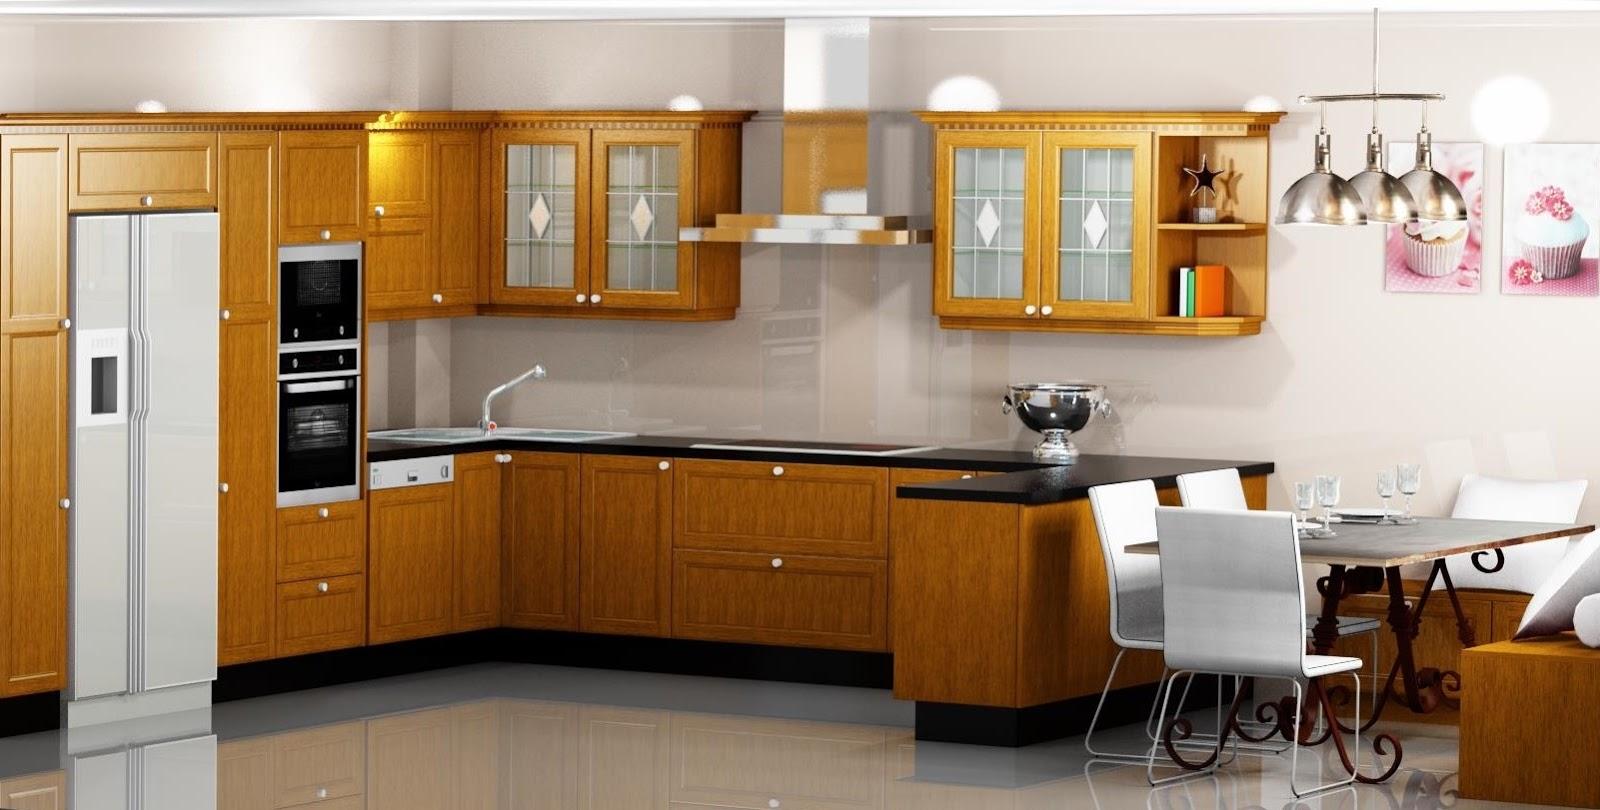 Proyectos y m s 8 cocina comedor en madera de roble for Simulador de muebles de cocina